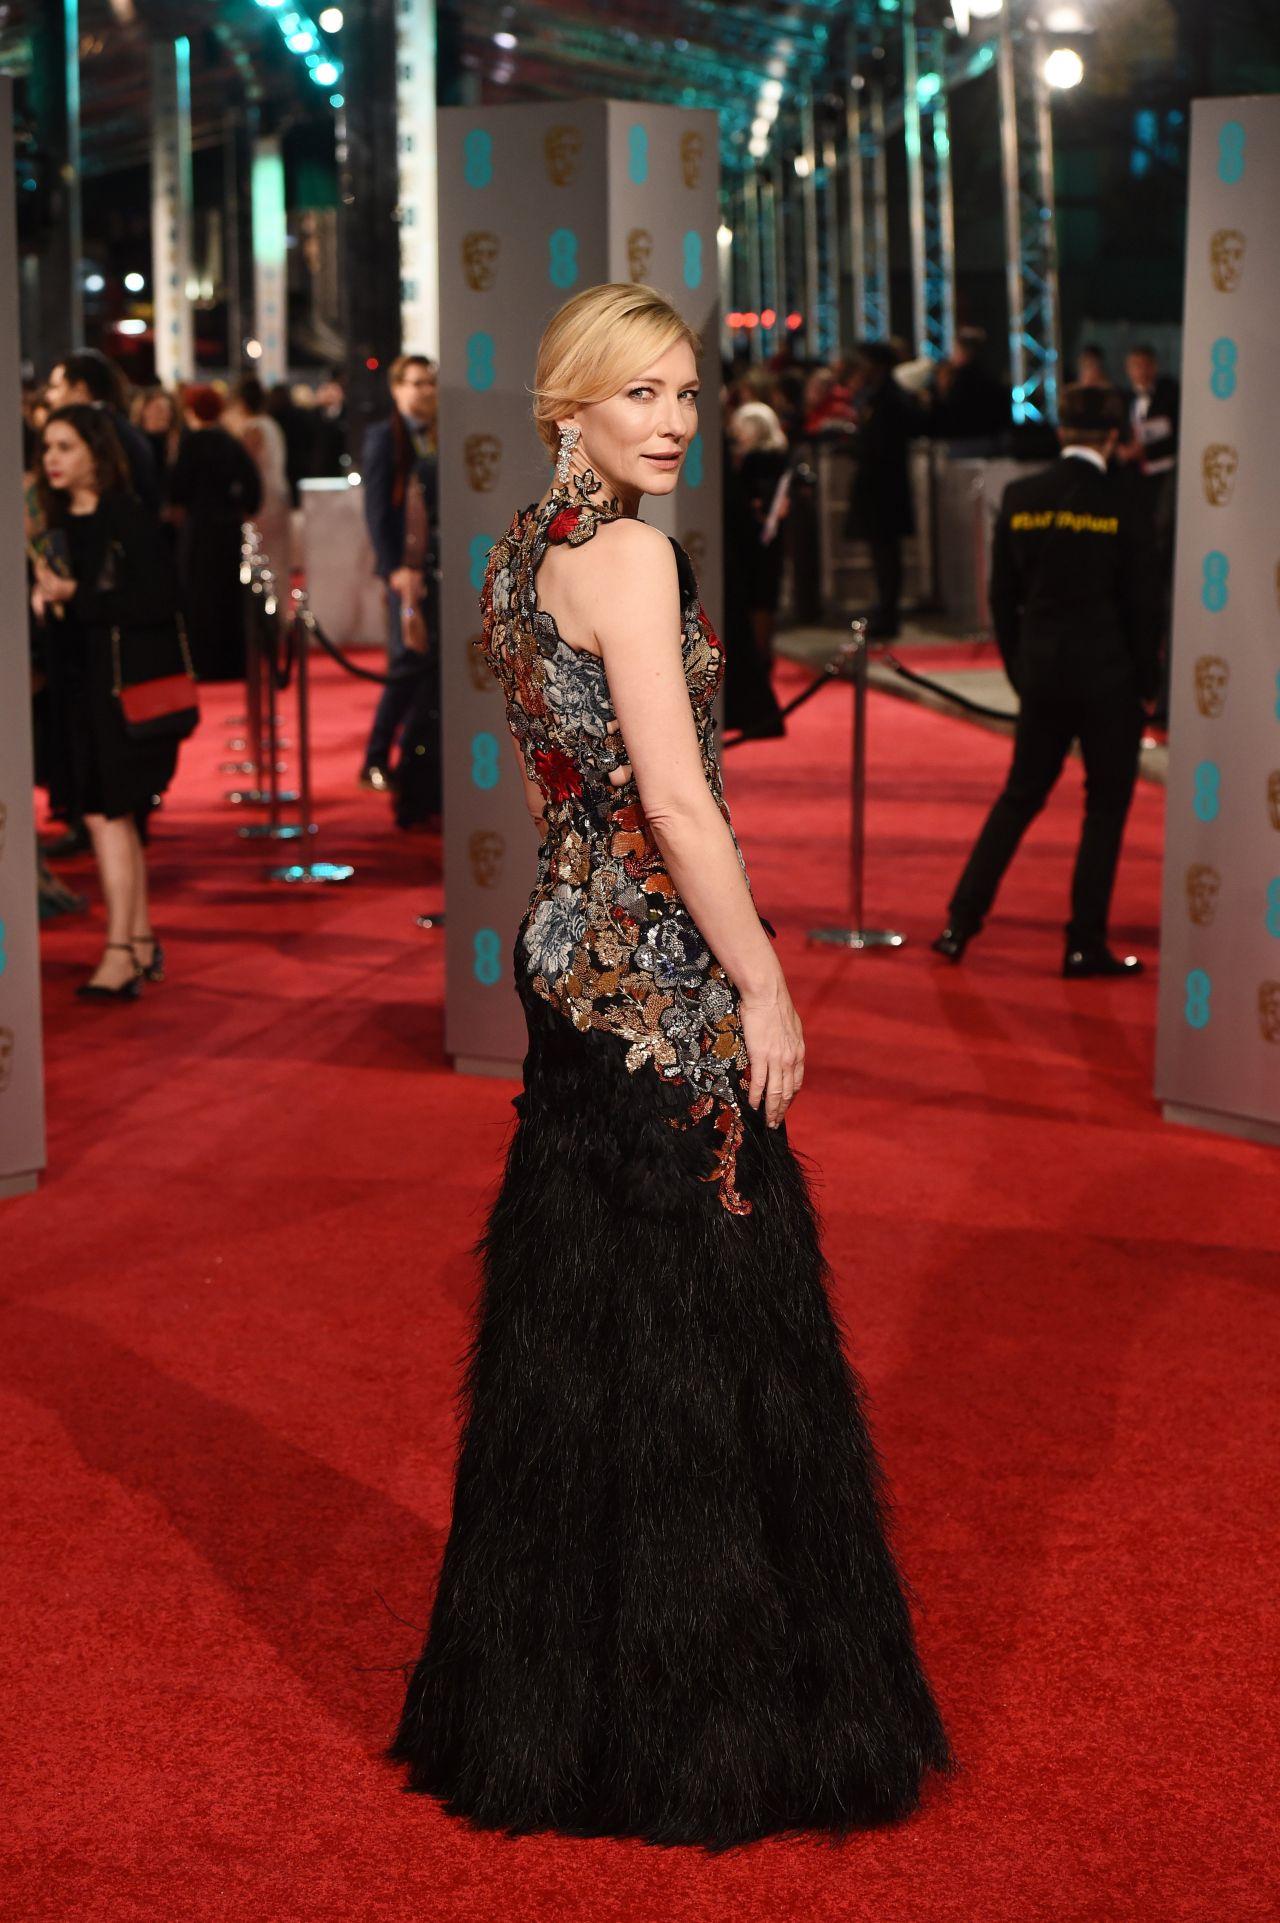 Cate Blanchett – BAFTA Film Awards 2016 in London Cate Blanchett 2016